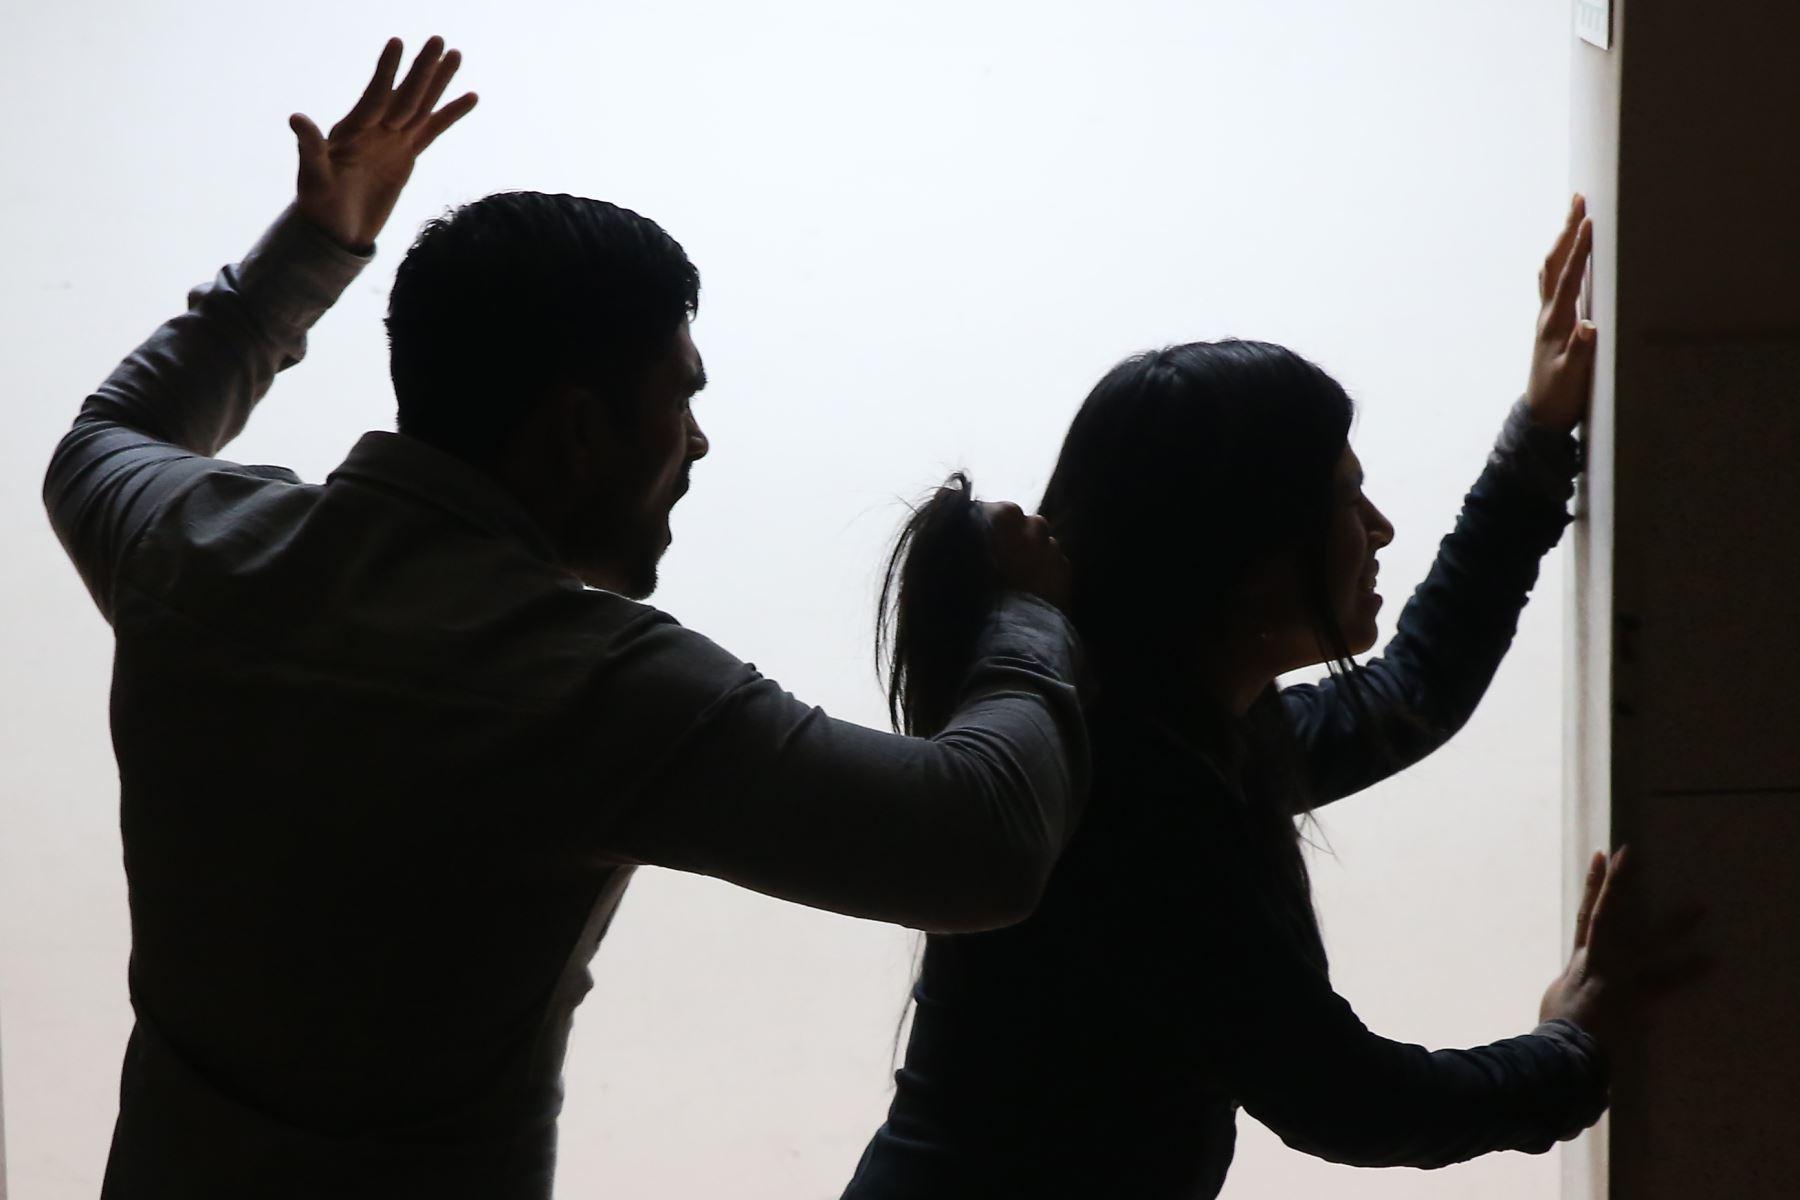 El jueves 23 de noviembre se desarrolló en el Auditorio Libertador una jornada informativa sobre violencia de género.